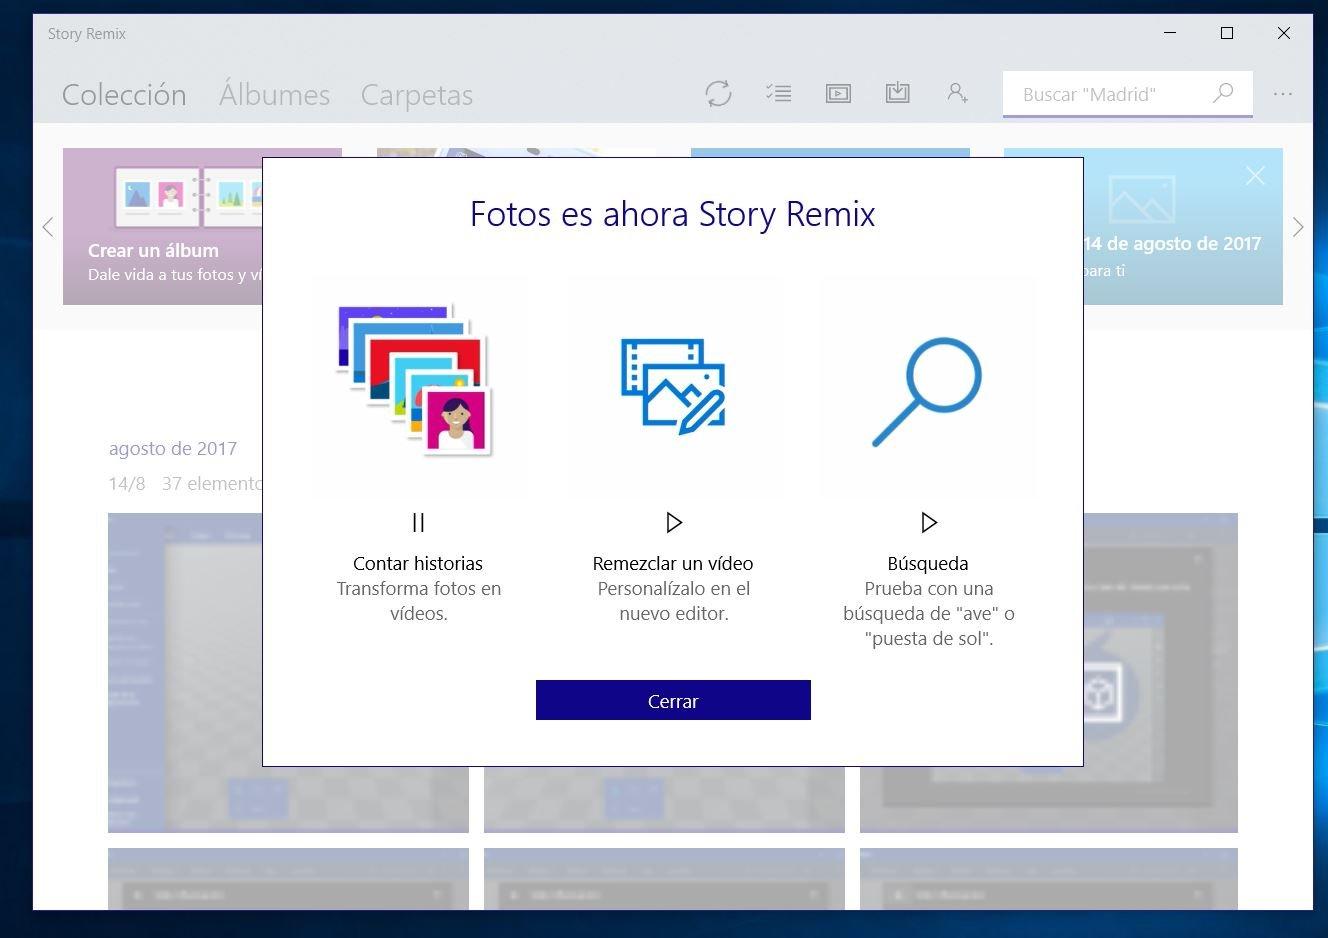 """Story Remix, el nuevo nombre de """"Microsoft Fotos"""", de momento"""